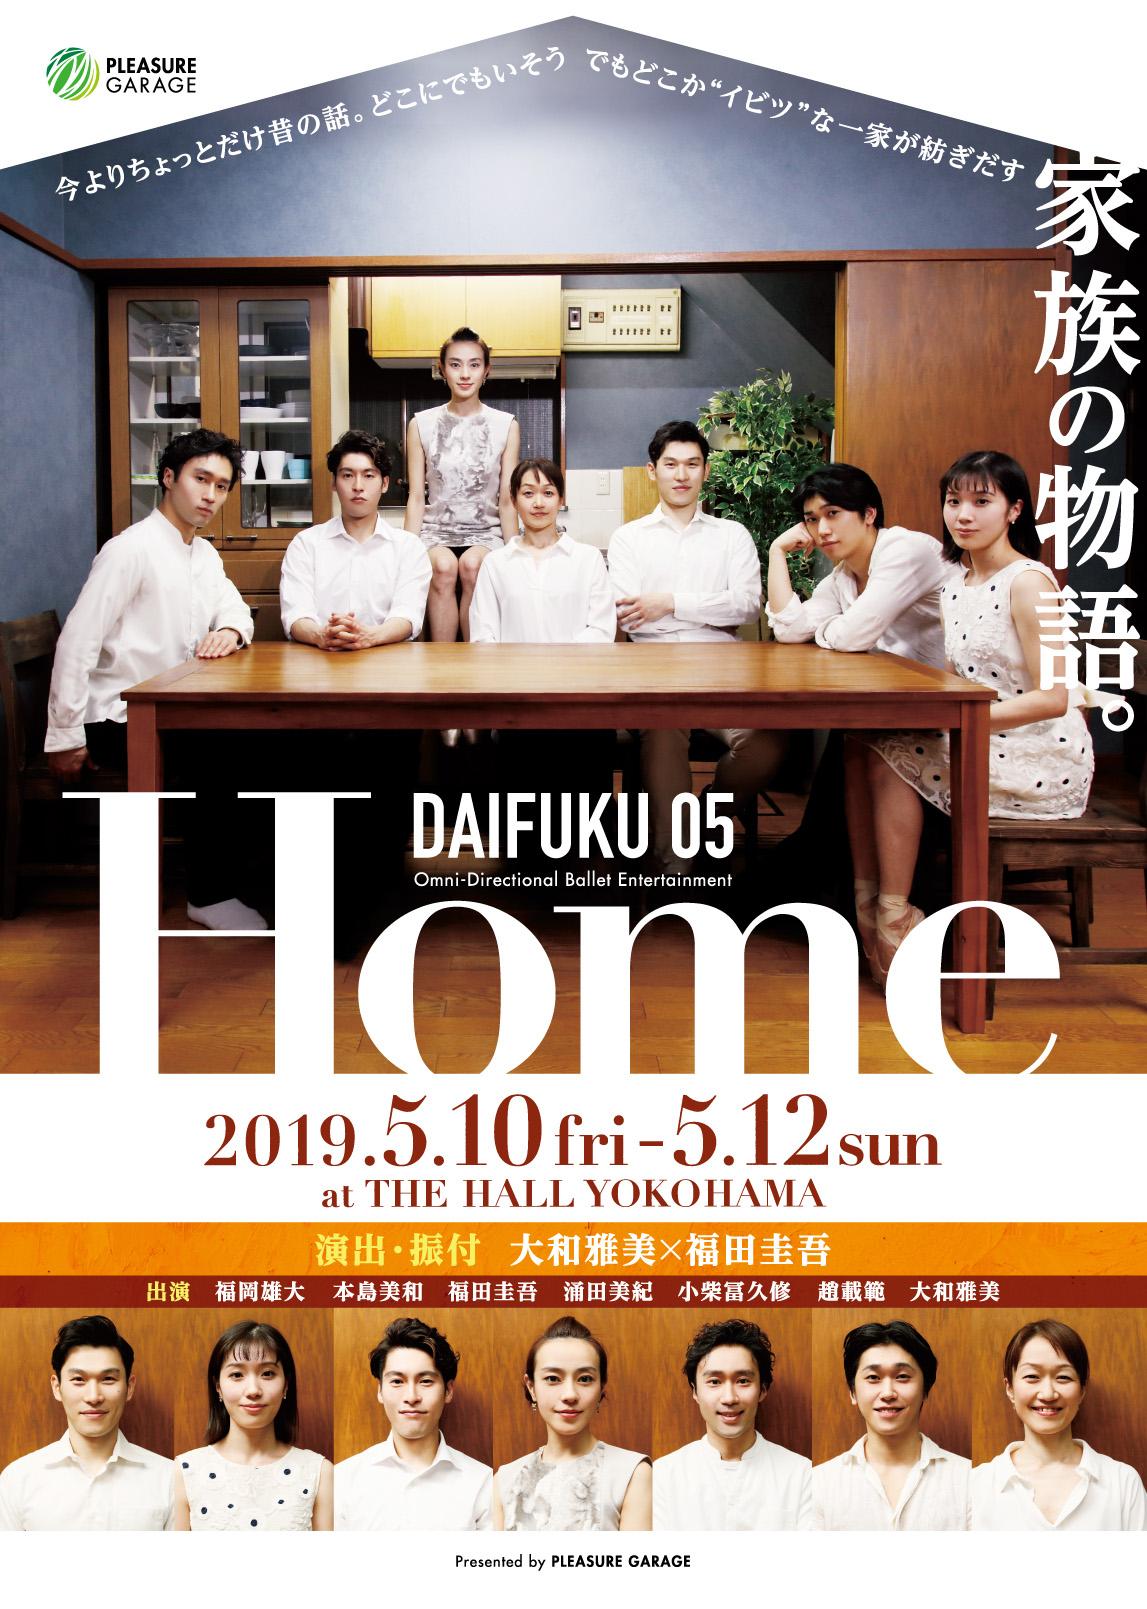 DAIFUKU vol.5 「Home」ビジュアル公開!DAIFUKUがバレエで描く「家族の物語」とは・・・